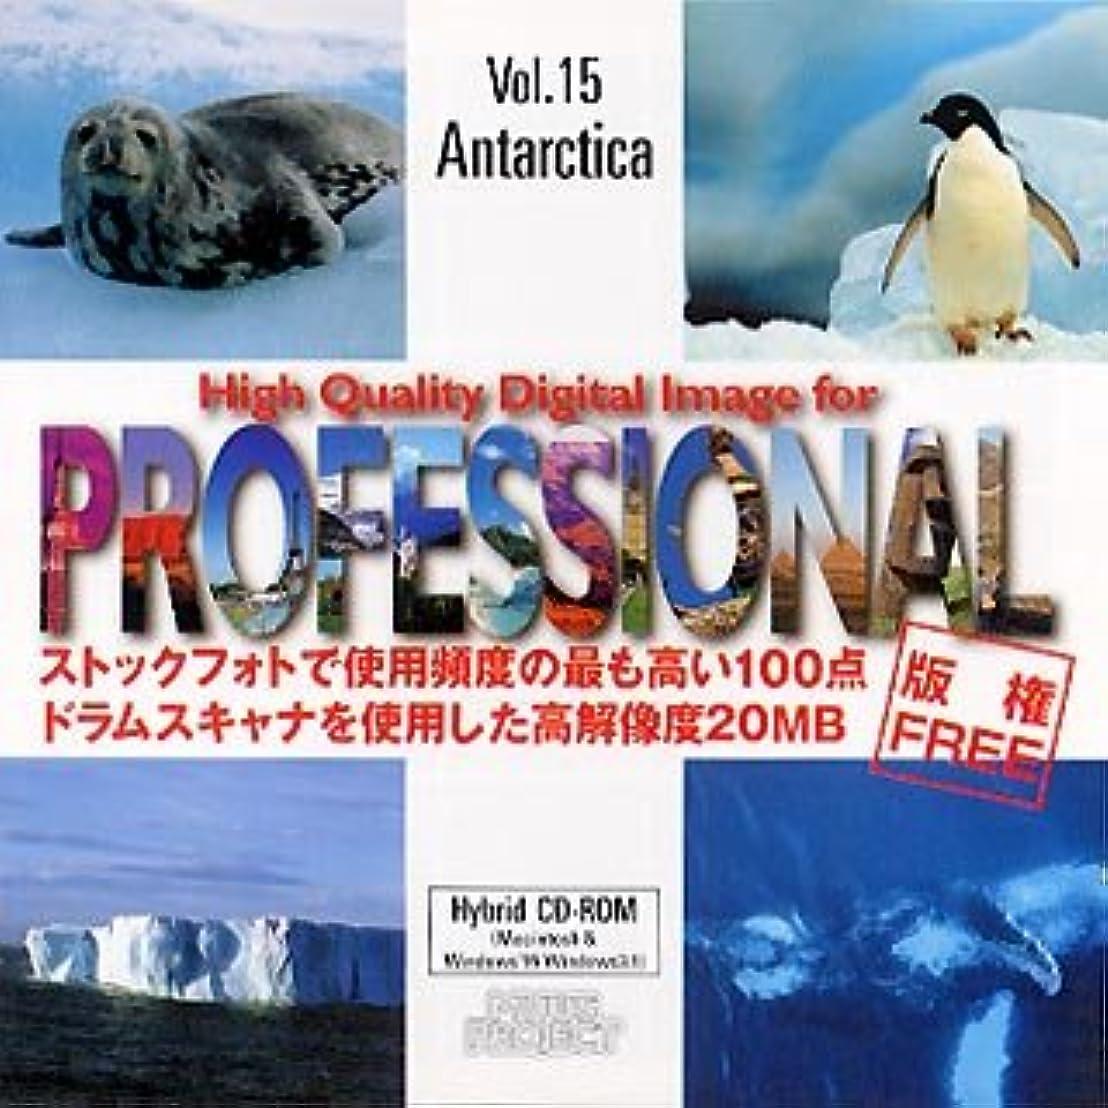 異議移住する広まったHigh Quality Digital Image for Professional Vol.15 Antarctica